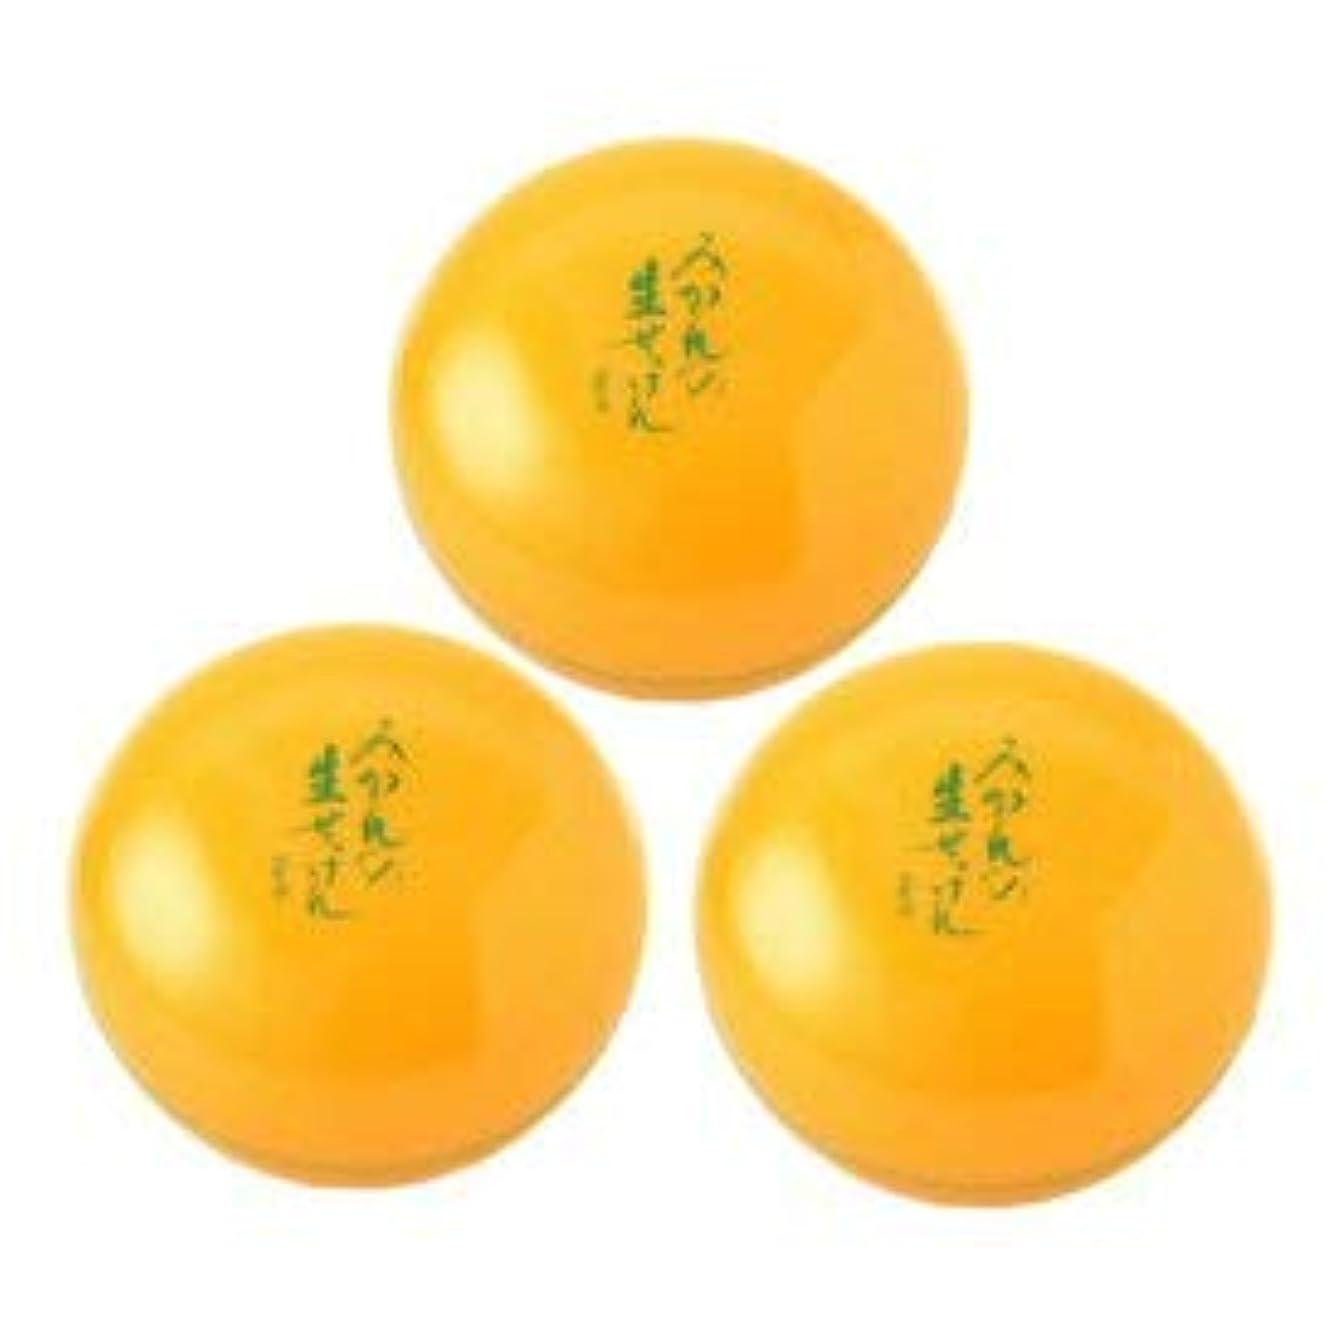 誤って蒸留ピストンUYEKI美香柑みかんの生せっけん50g×3個セット